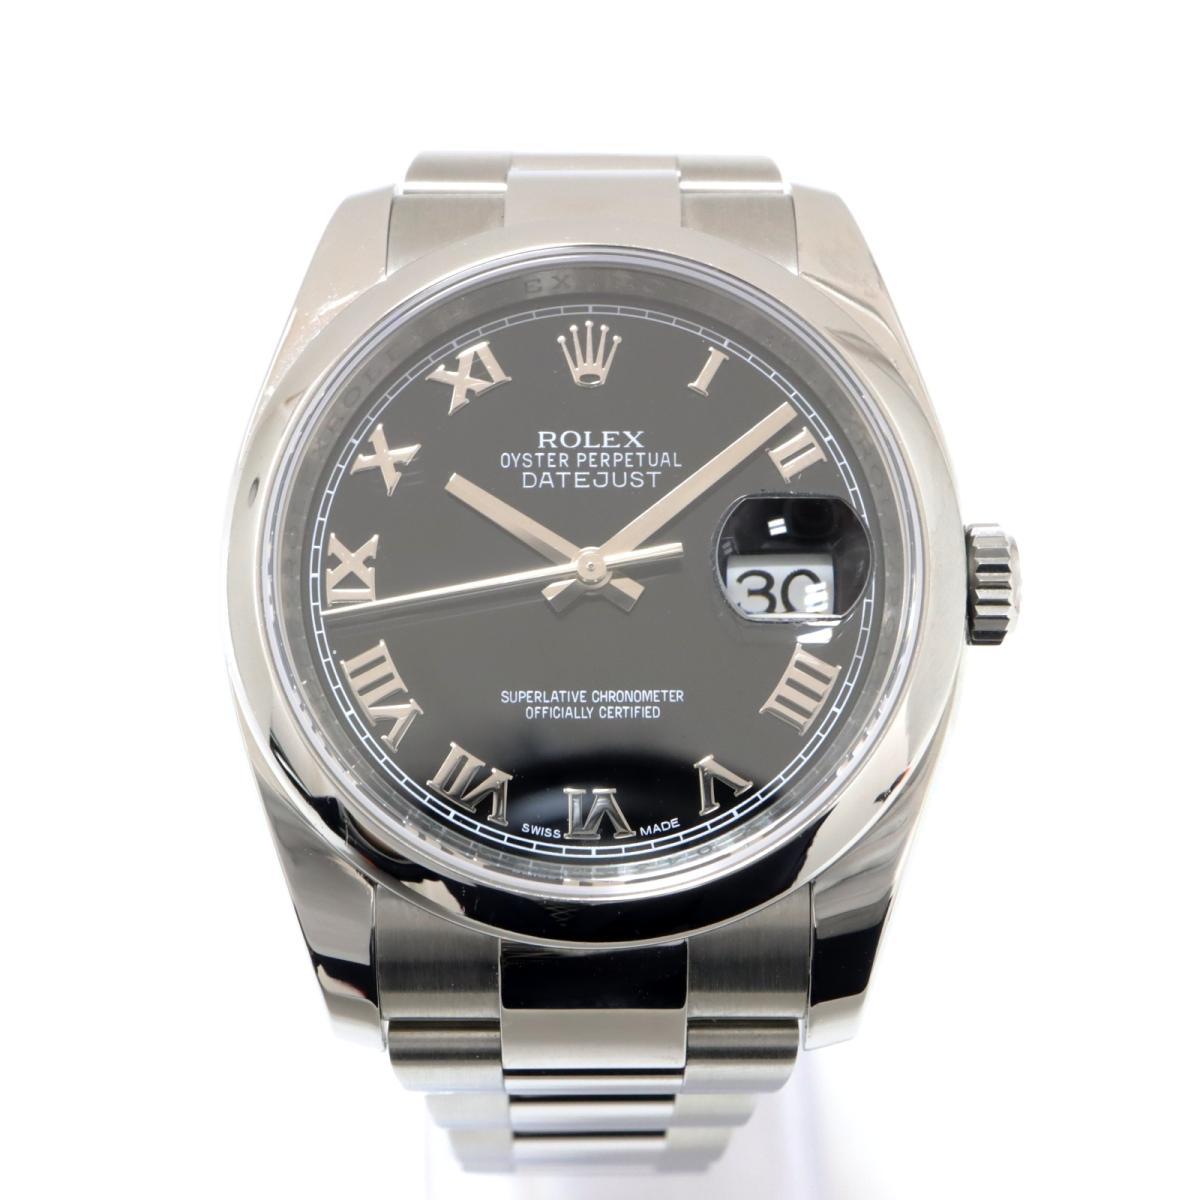 【中古】 ロレックス デイトジャスト 腕時計 メンズ K18WG (750)ホワイトゴールド SS シルバー (116200) | ROLEX BRANDOFF ブランドオフ ブランド ブランド時計 ブランド腕時計 時計 ウォッチ